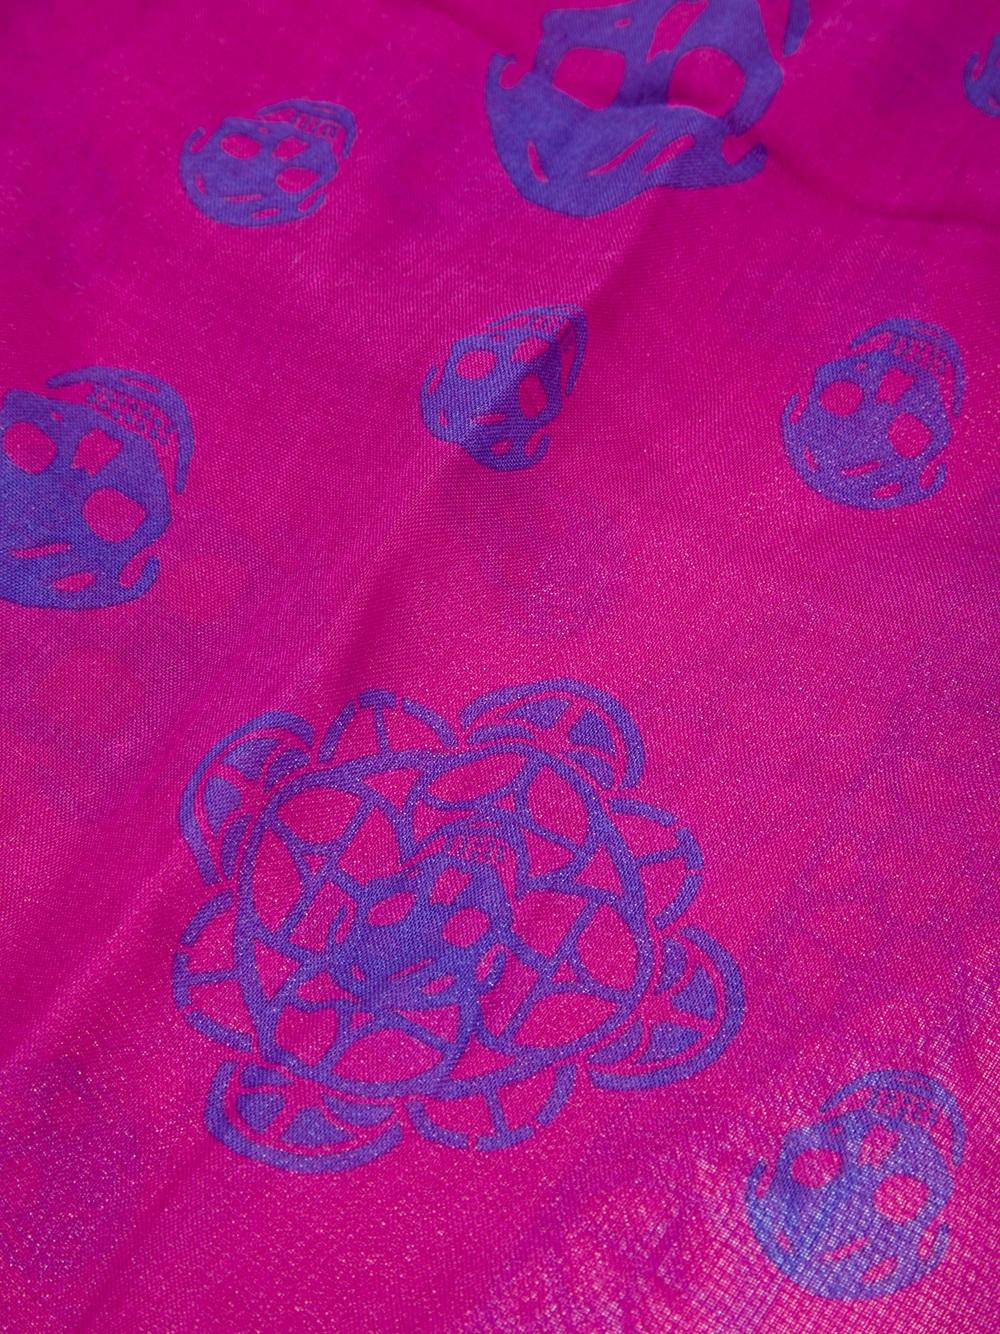 Alexander mcqueen Skull Print Scarf in Pink